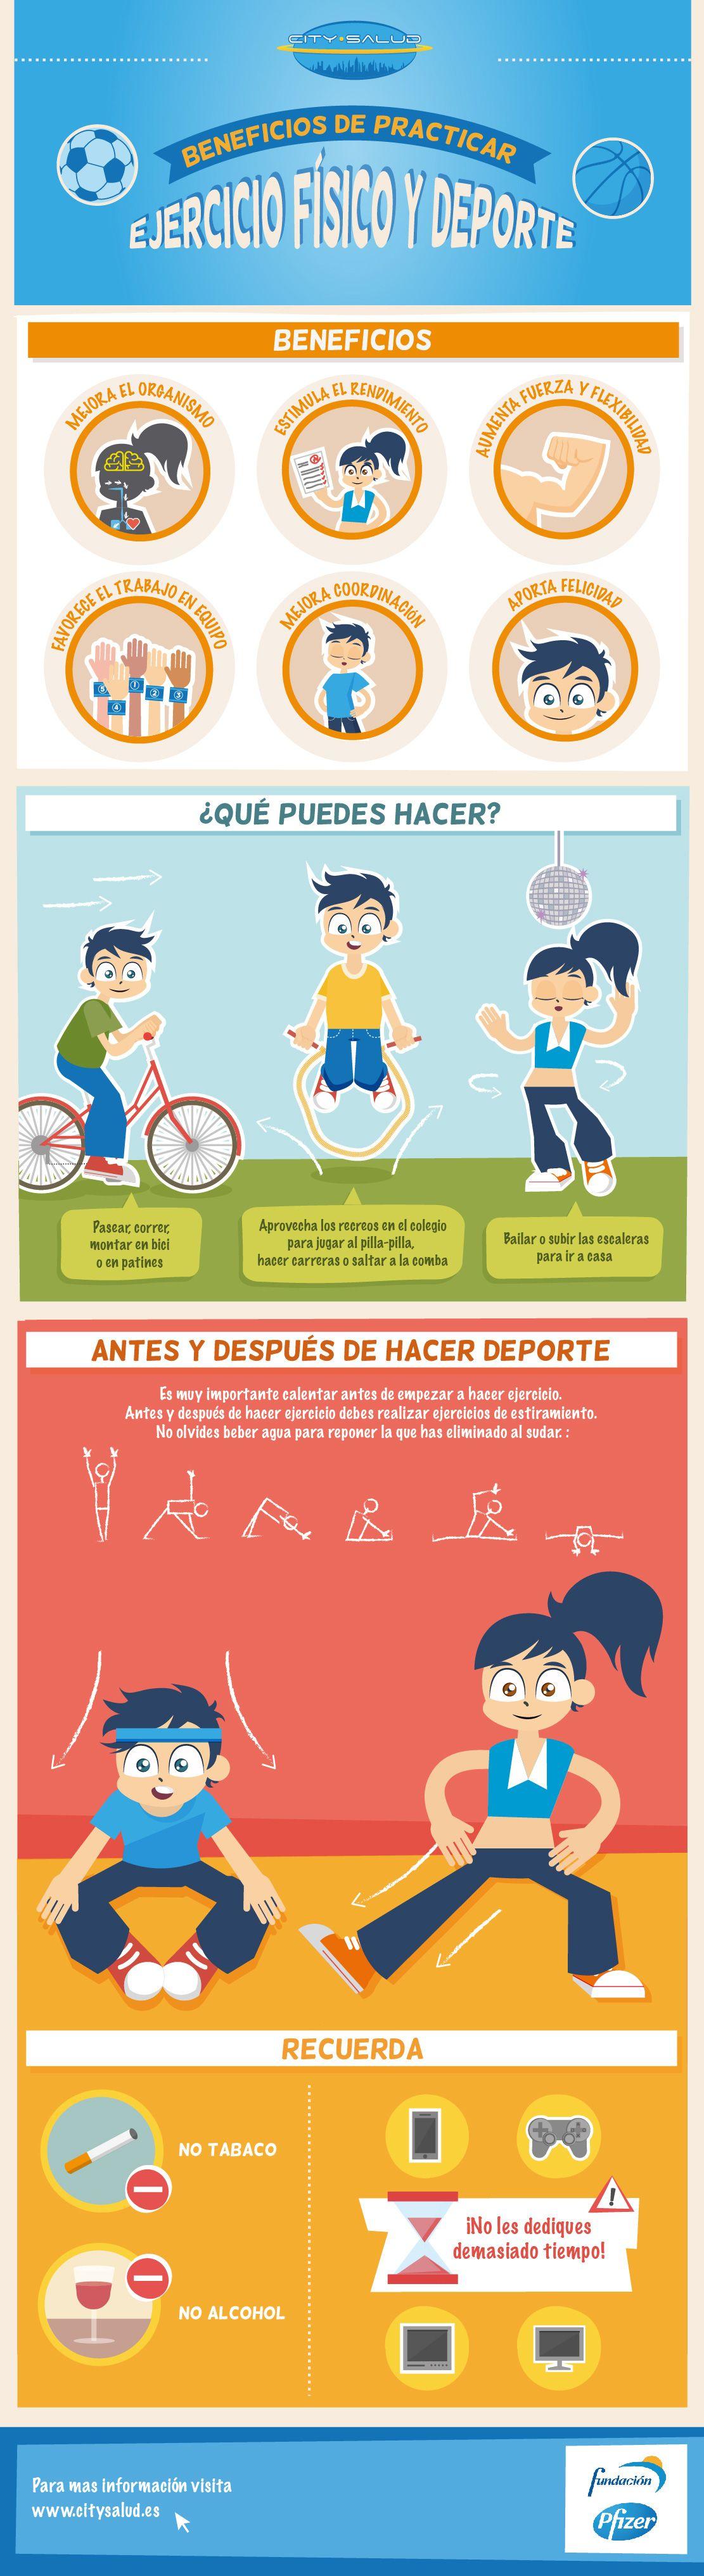 City Salud Actividades Educacion Fisica Actividad Fisica Y Salud Clases De Educación Física